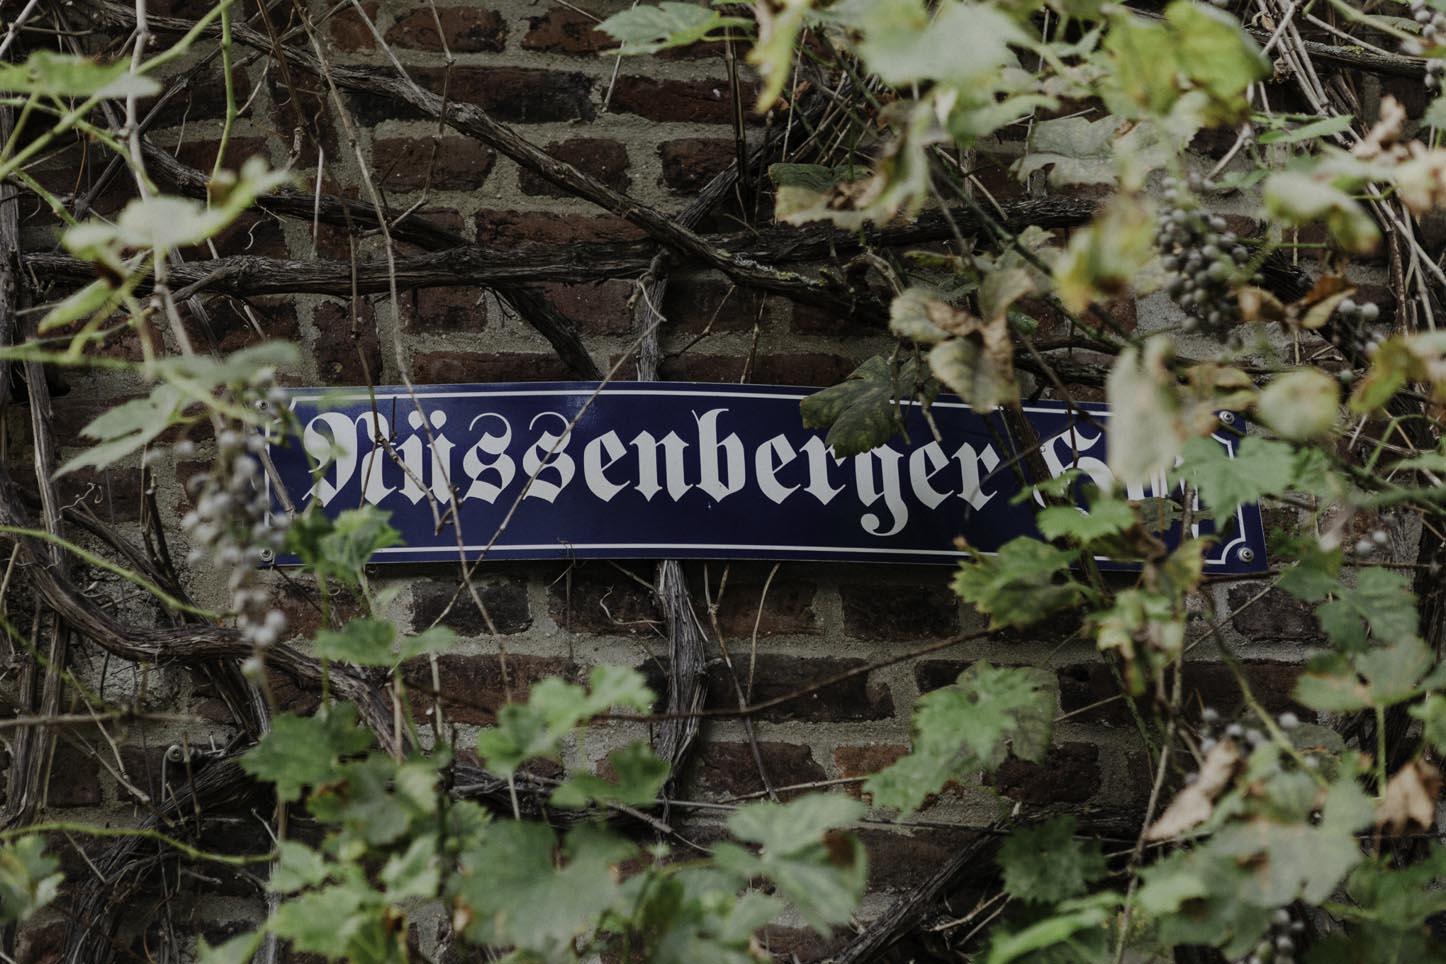 Eingangsschild vom Nüssenberger Hof